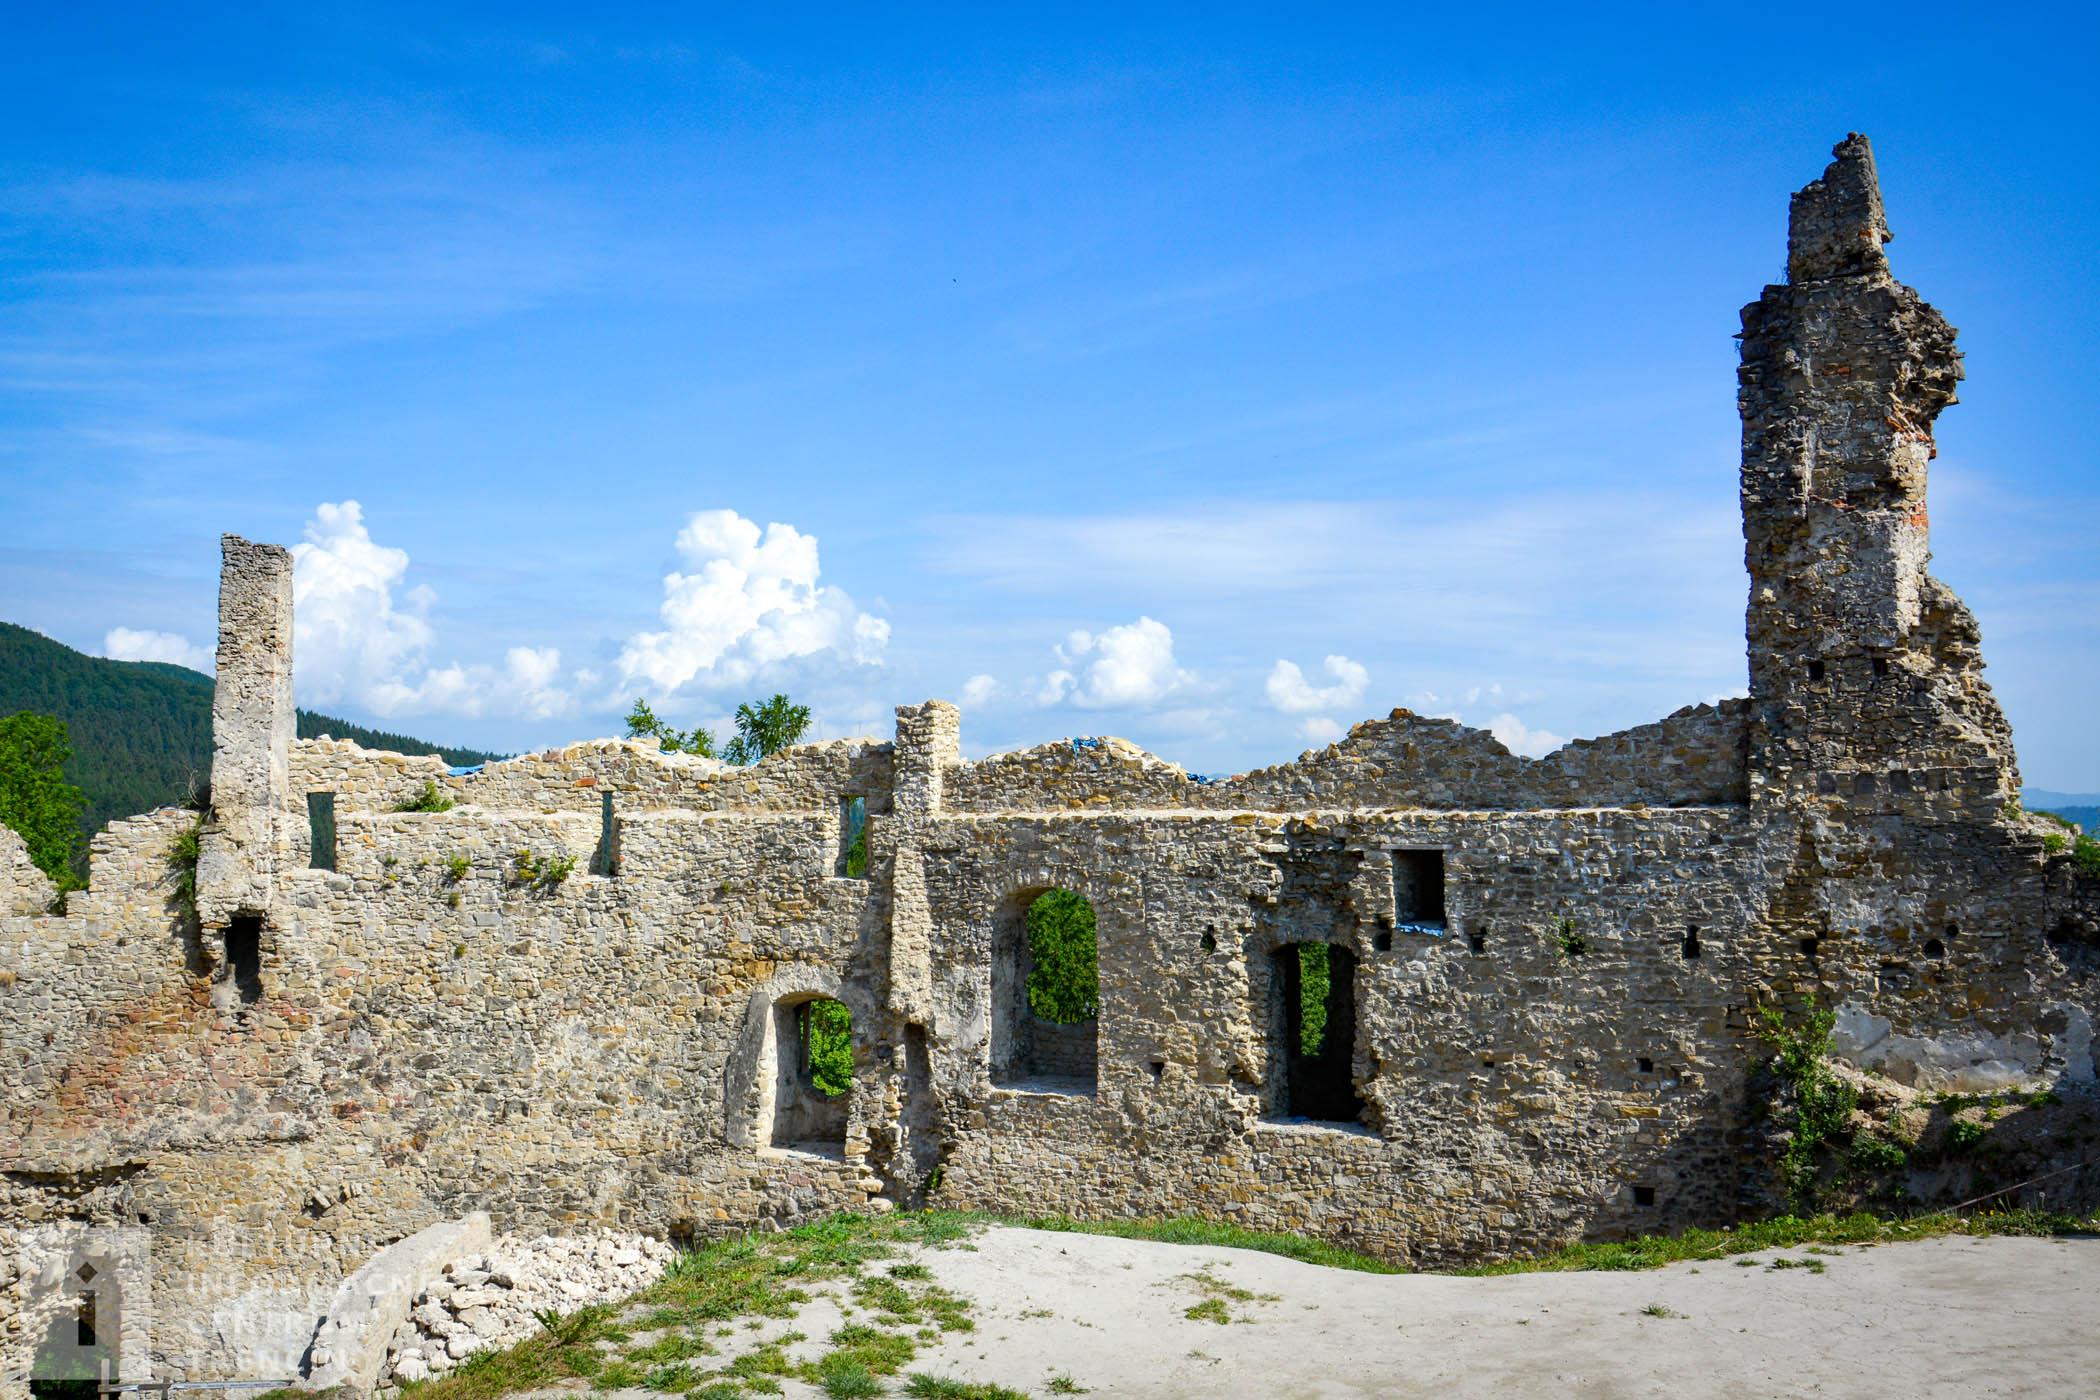 Medzi najvýznamnejších vlastníkov hradu patril rod Podmanických. Neslávne známi sú najmä bratia Ján a Rafael Podmanickí, drsní a nenásytní rytieri, ktorí trávili čas najmä lúpežnými výpravami a divokými oslavami.